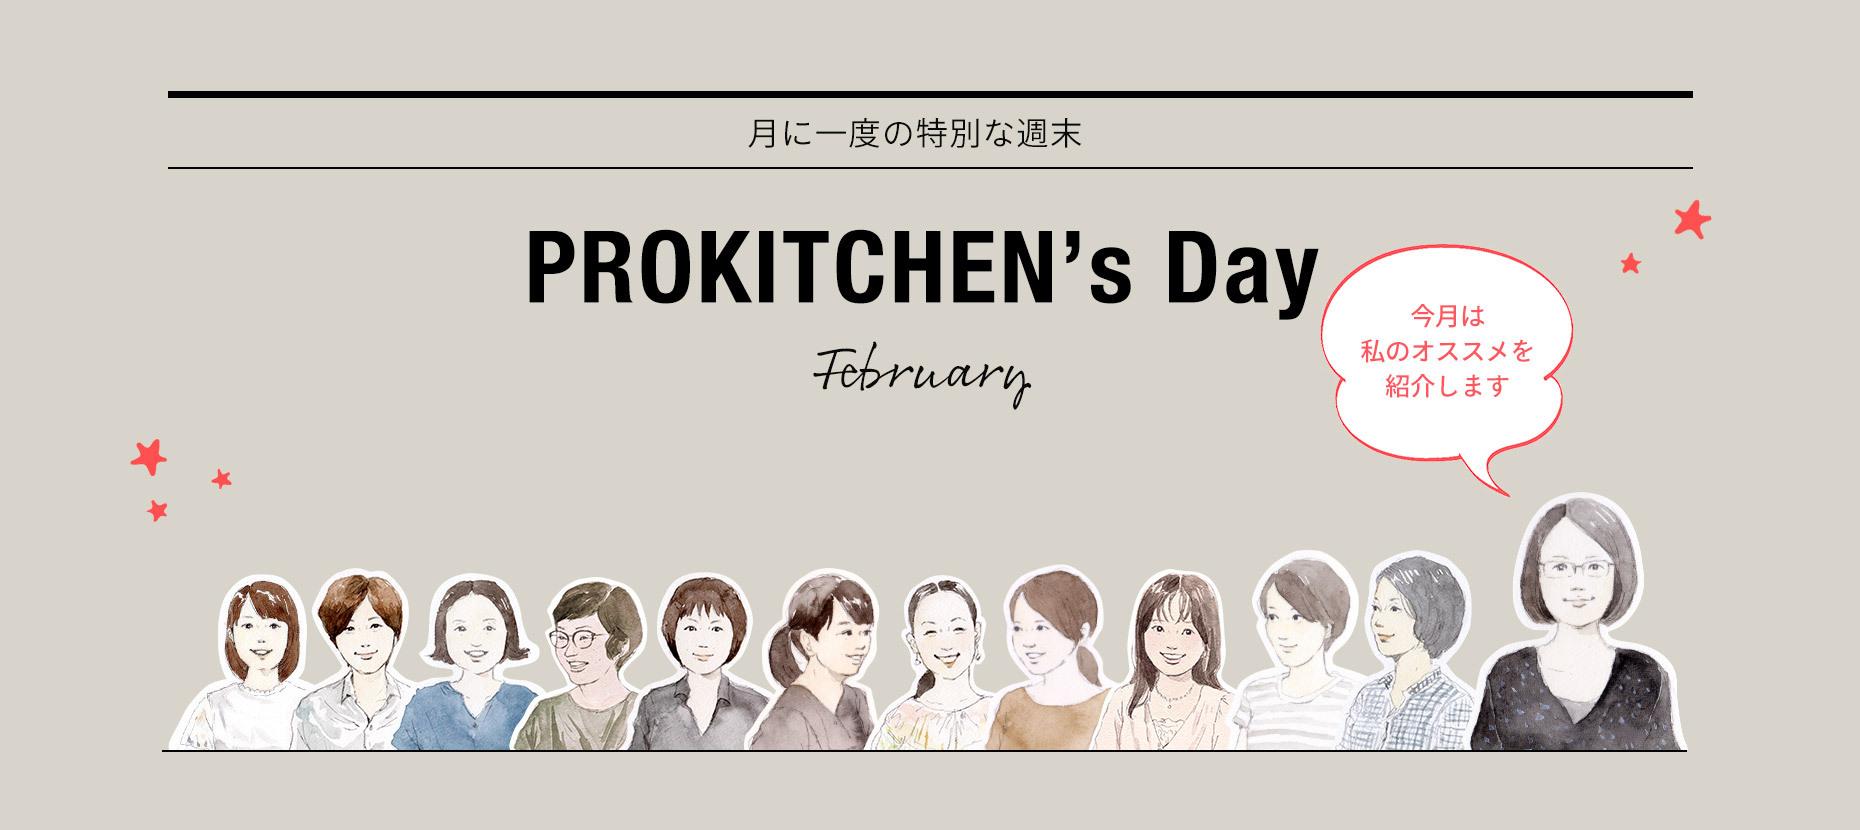 2月のプロキッチンの日はプレゼント企画!